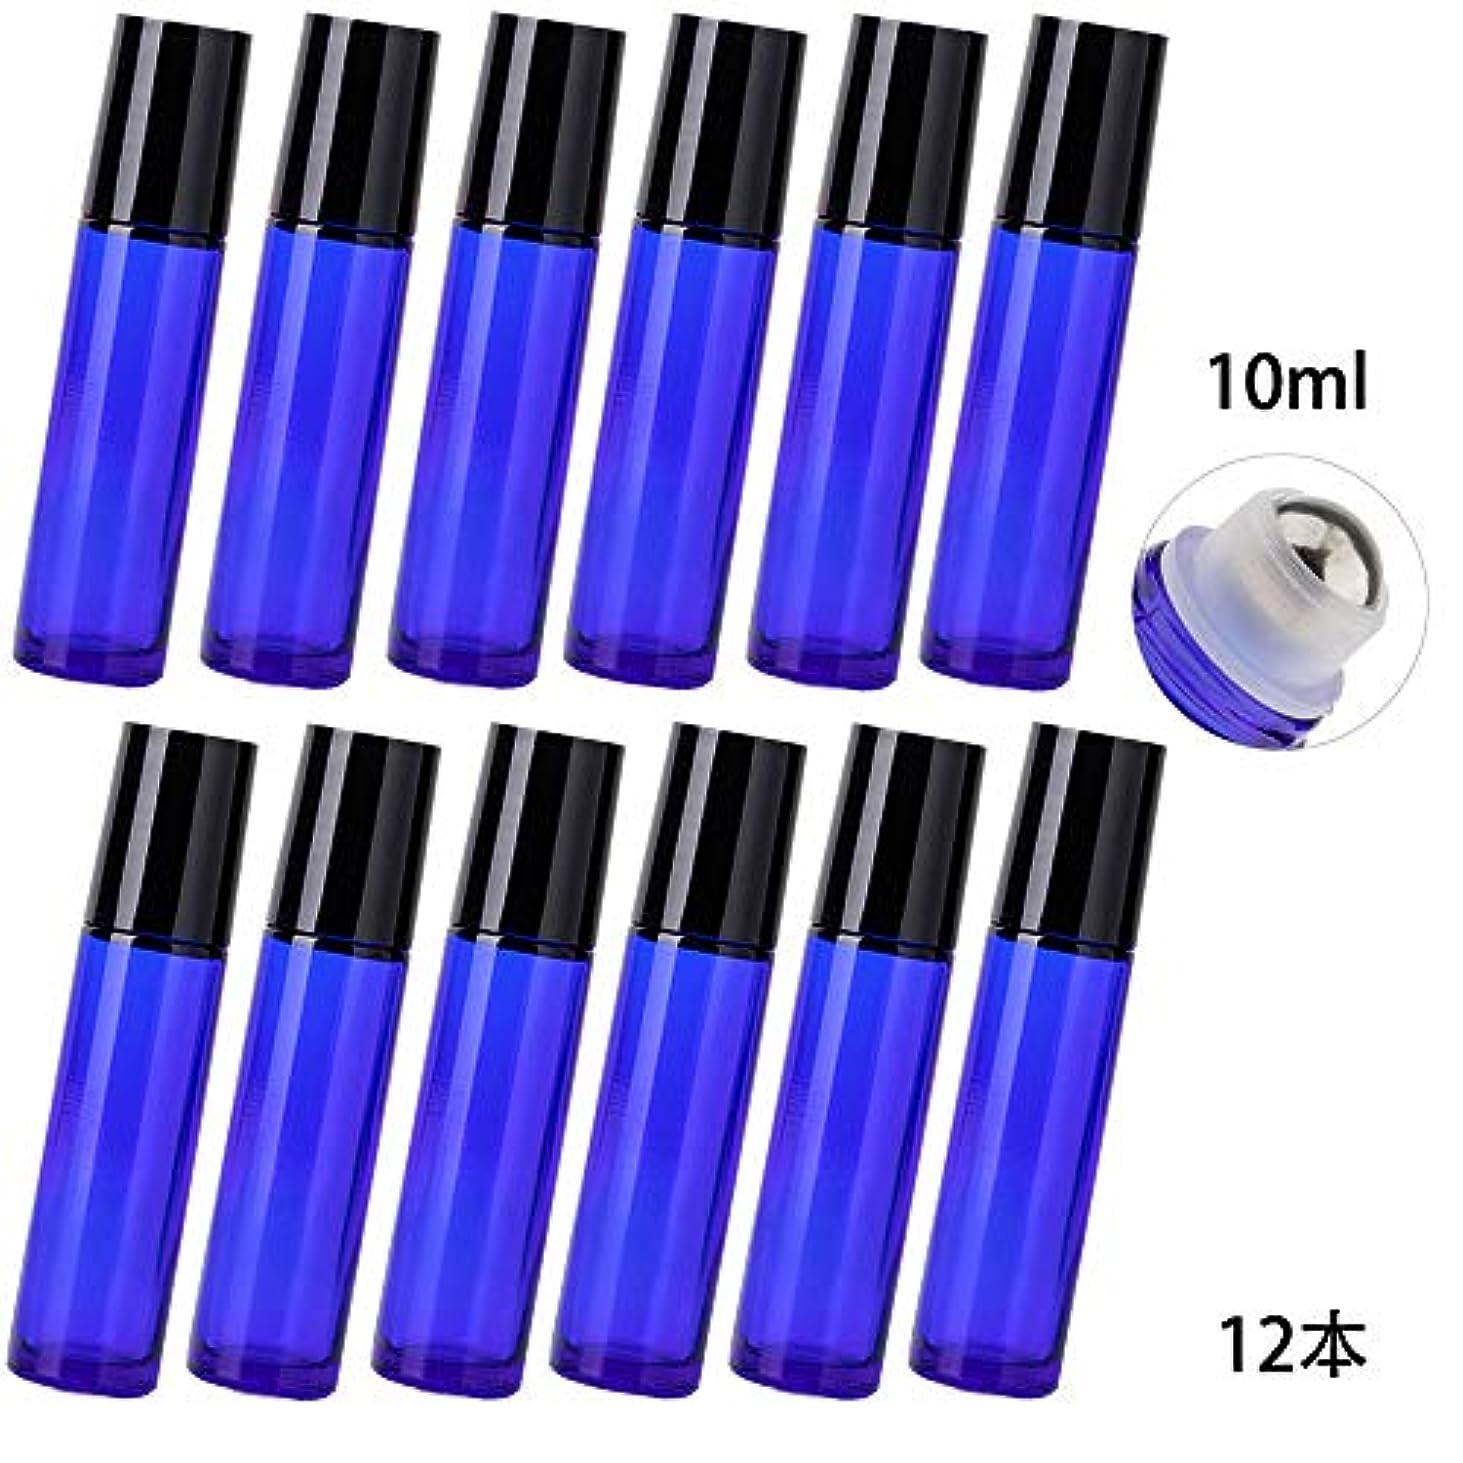 ママ以前はポンペイロールオンボトル 遮光瓶 アロマオイル シェーディングボトル 小分け ガラスボトル 詰め替え 容器 10ml ボトルは持ち運びが ブルー (12個セット)